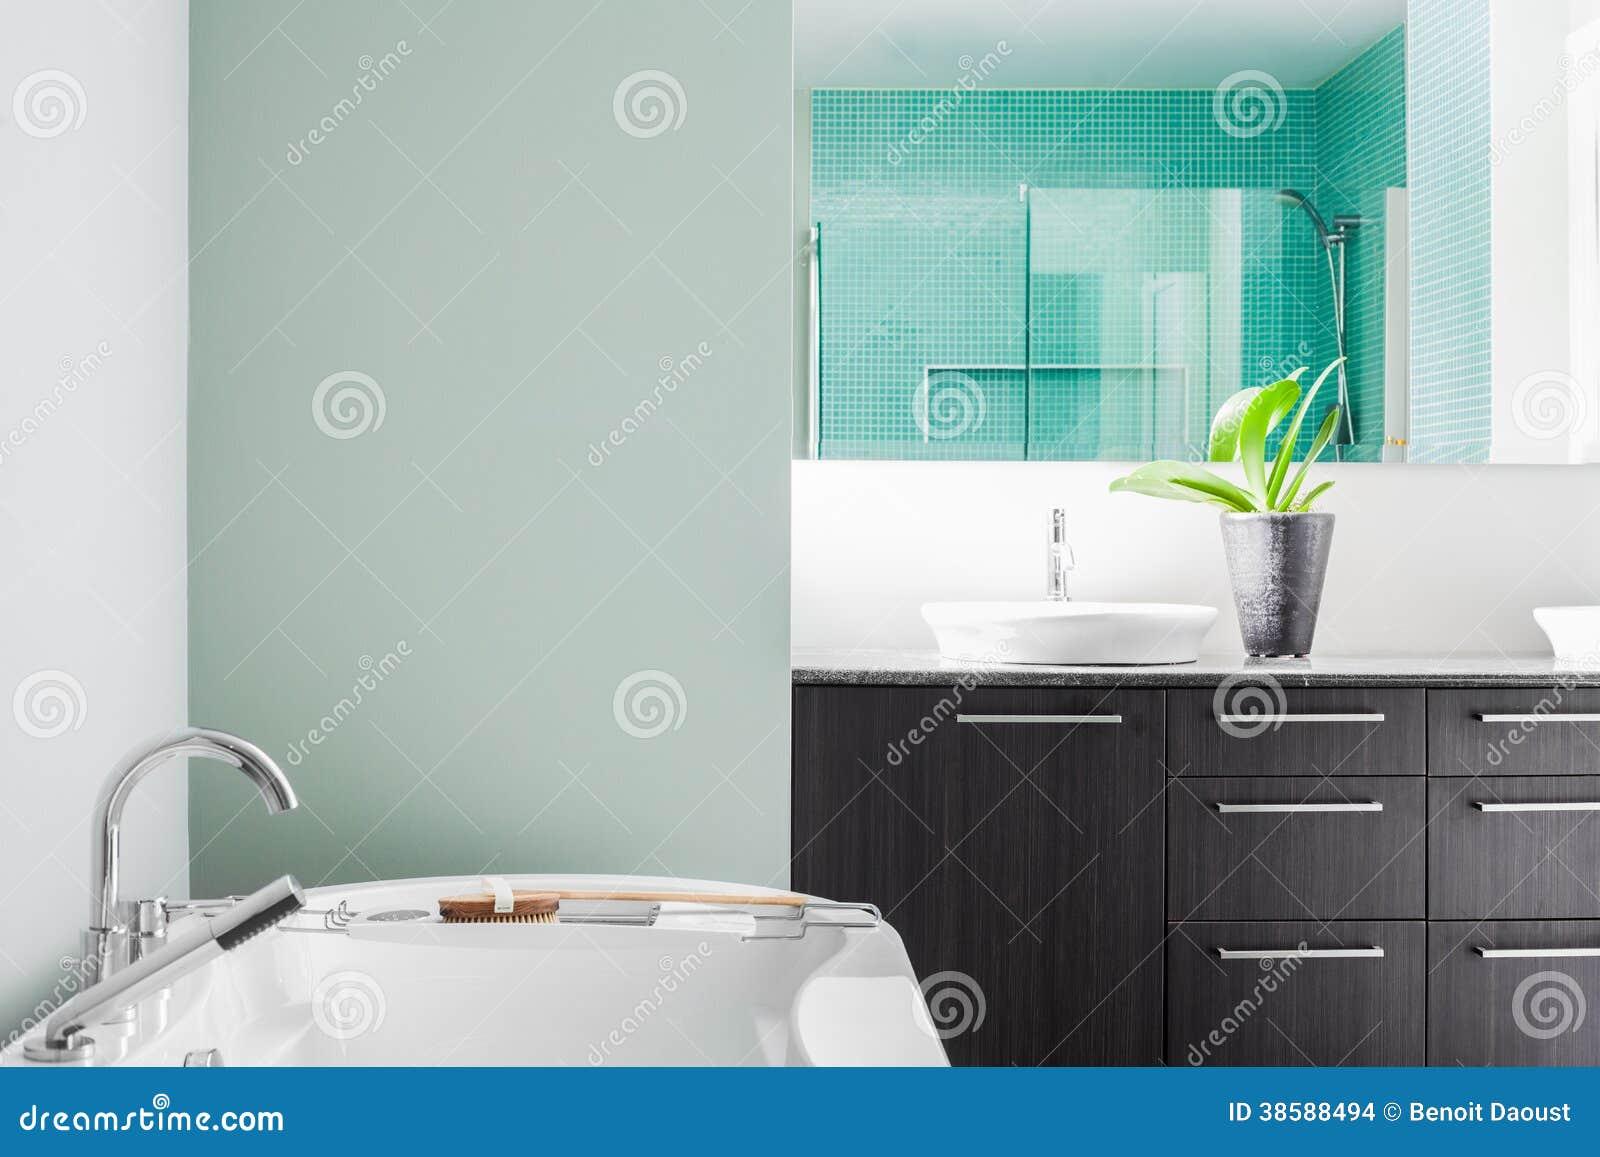 Modernes Badezimmer Unter Verwendung Der Weichen Grunen Pastellfarben Stockfoto Bild Von Weichen Badezimmer 38588494